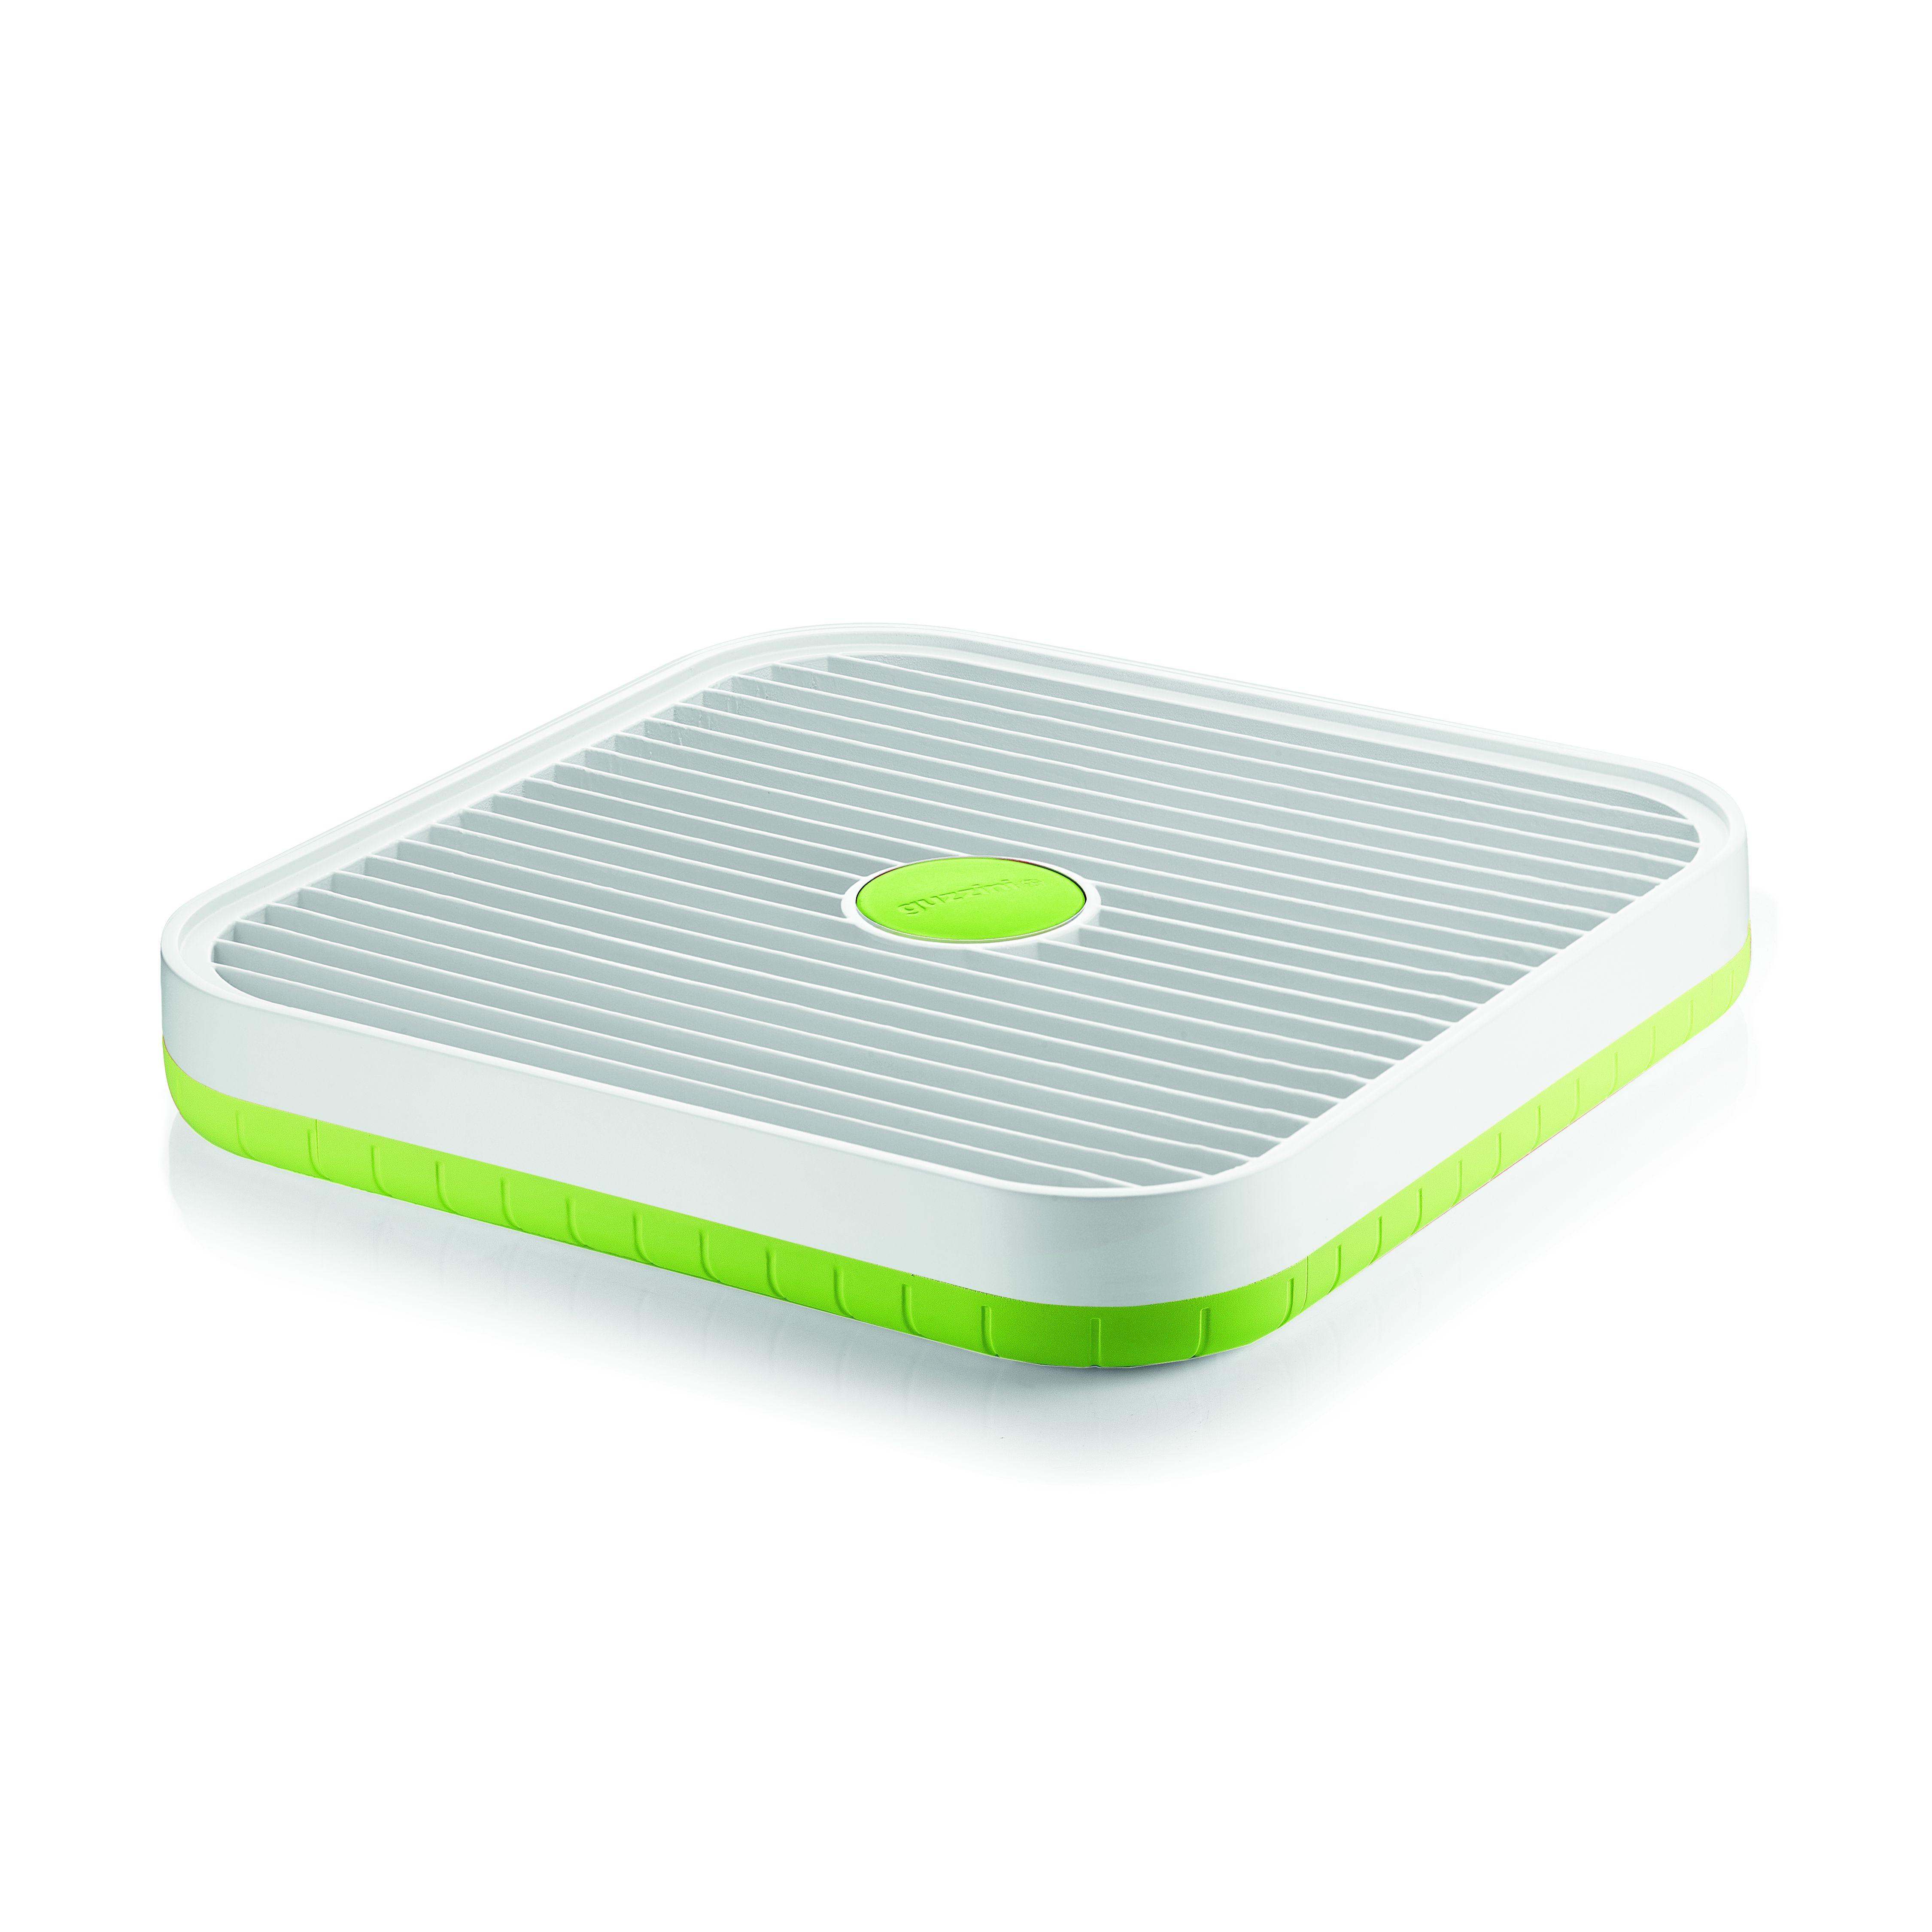 Подставка для сушки посуды MY KITCHEN зеленаяС подставкой для сушки посуды Май китчен вам больше не надо переживать о мокрых тарелках, столовых приборах и других предметах кухонной утвари. Изделие выполнено из безопасного и прочного пластика и прослужит вам не один год. Оно легко очищается от загрязнений и неприхотливо в уходе. Подставка для сушки Май китчен не займет много места и органично впишется в любой современный интерьер.<br>